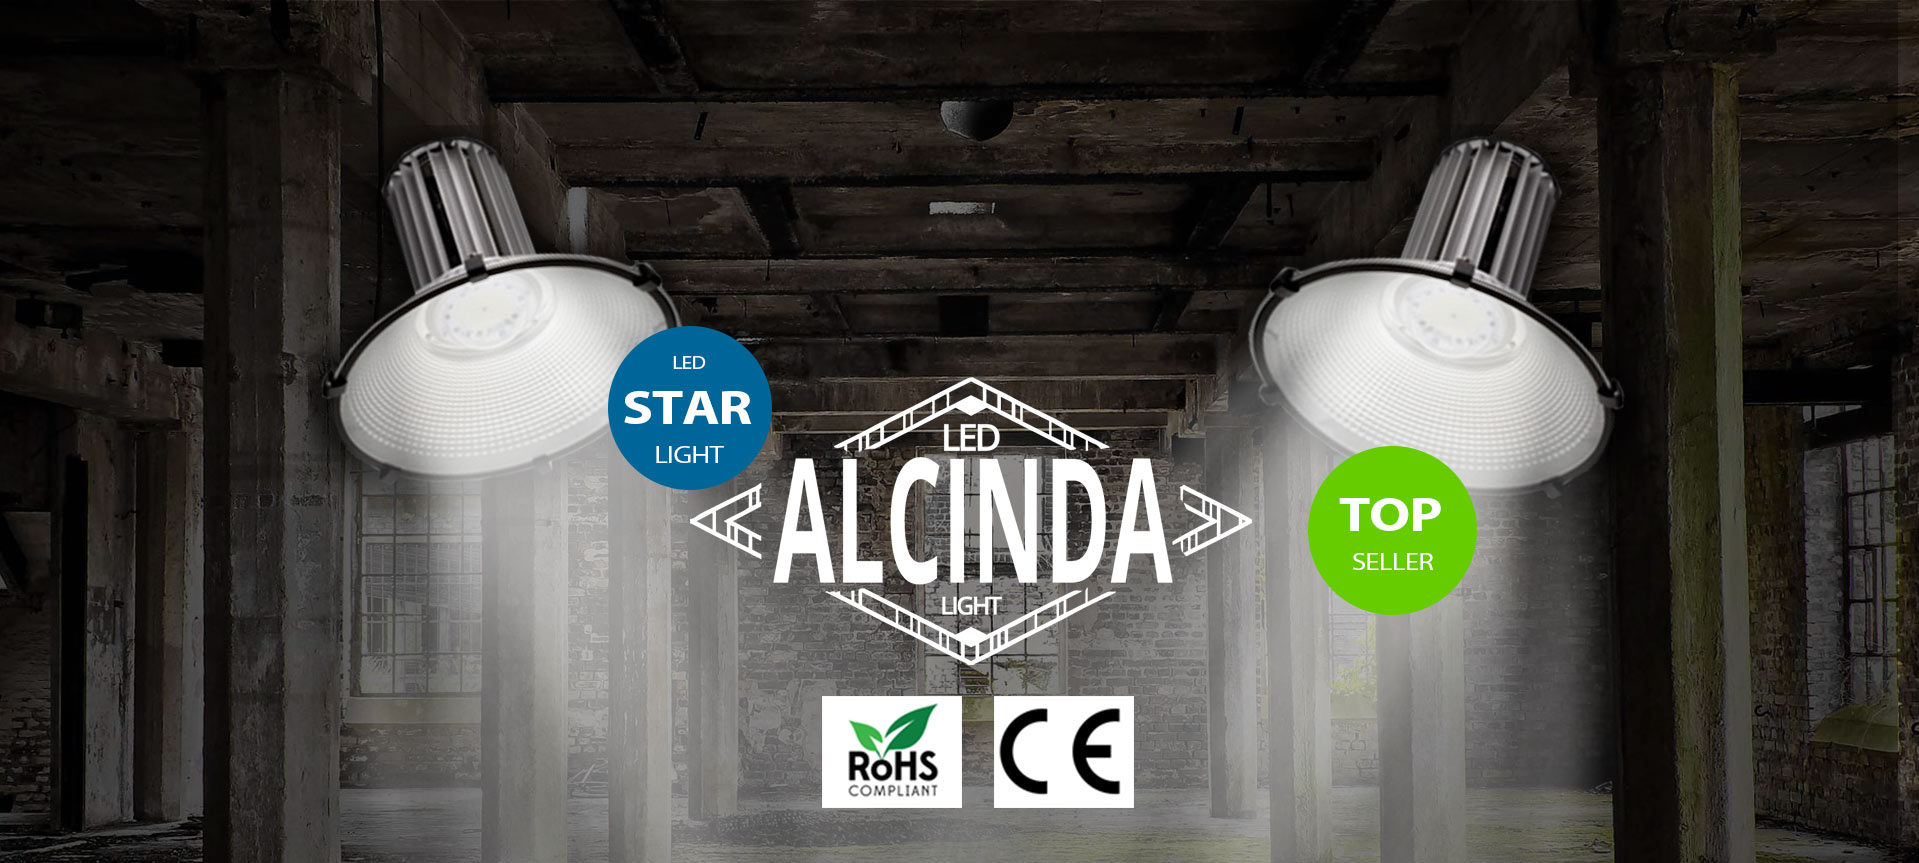 Alcinda Licht LED Banner